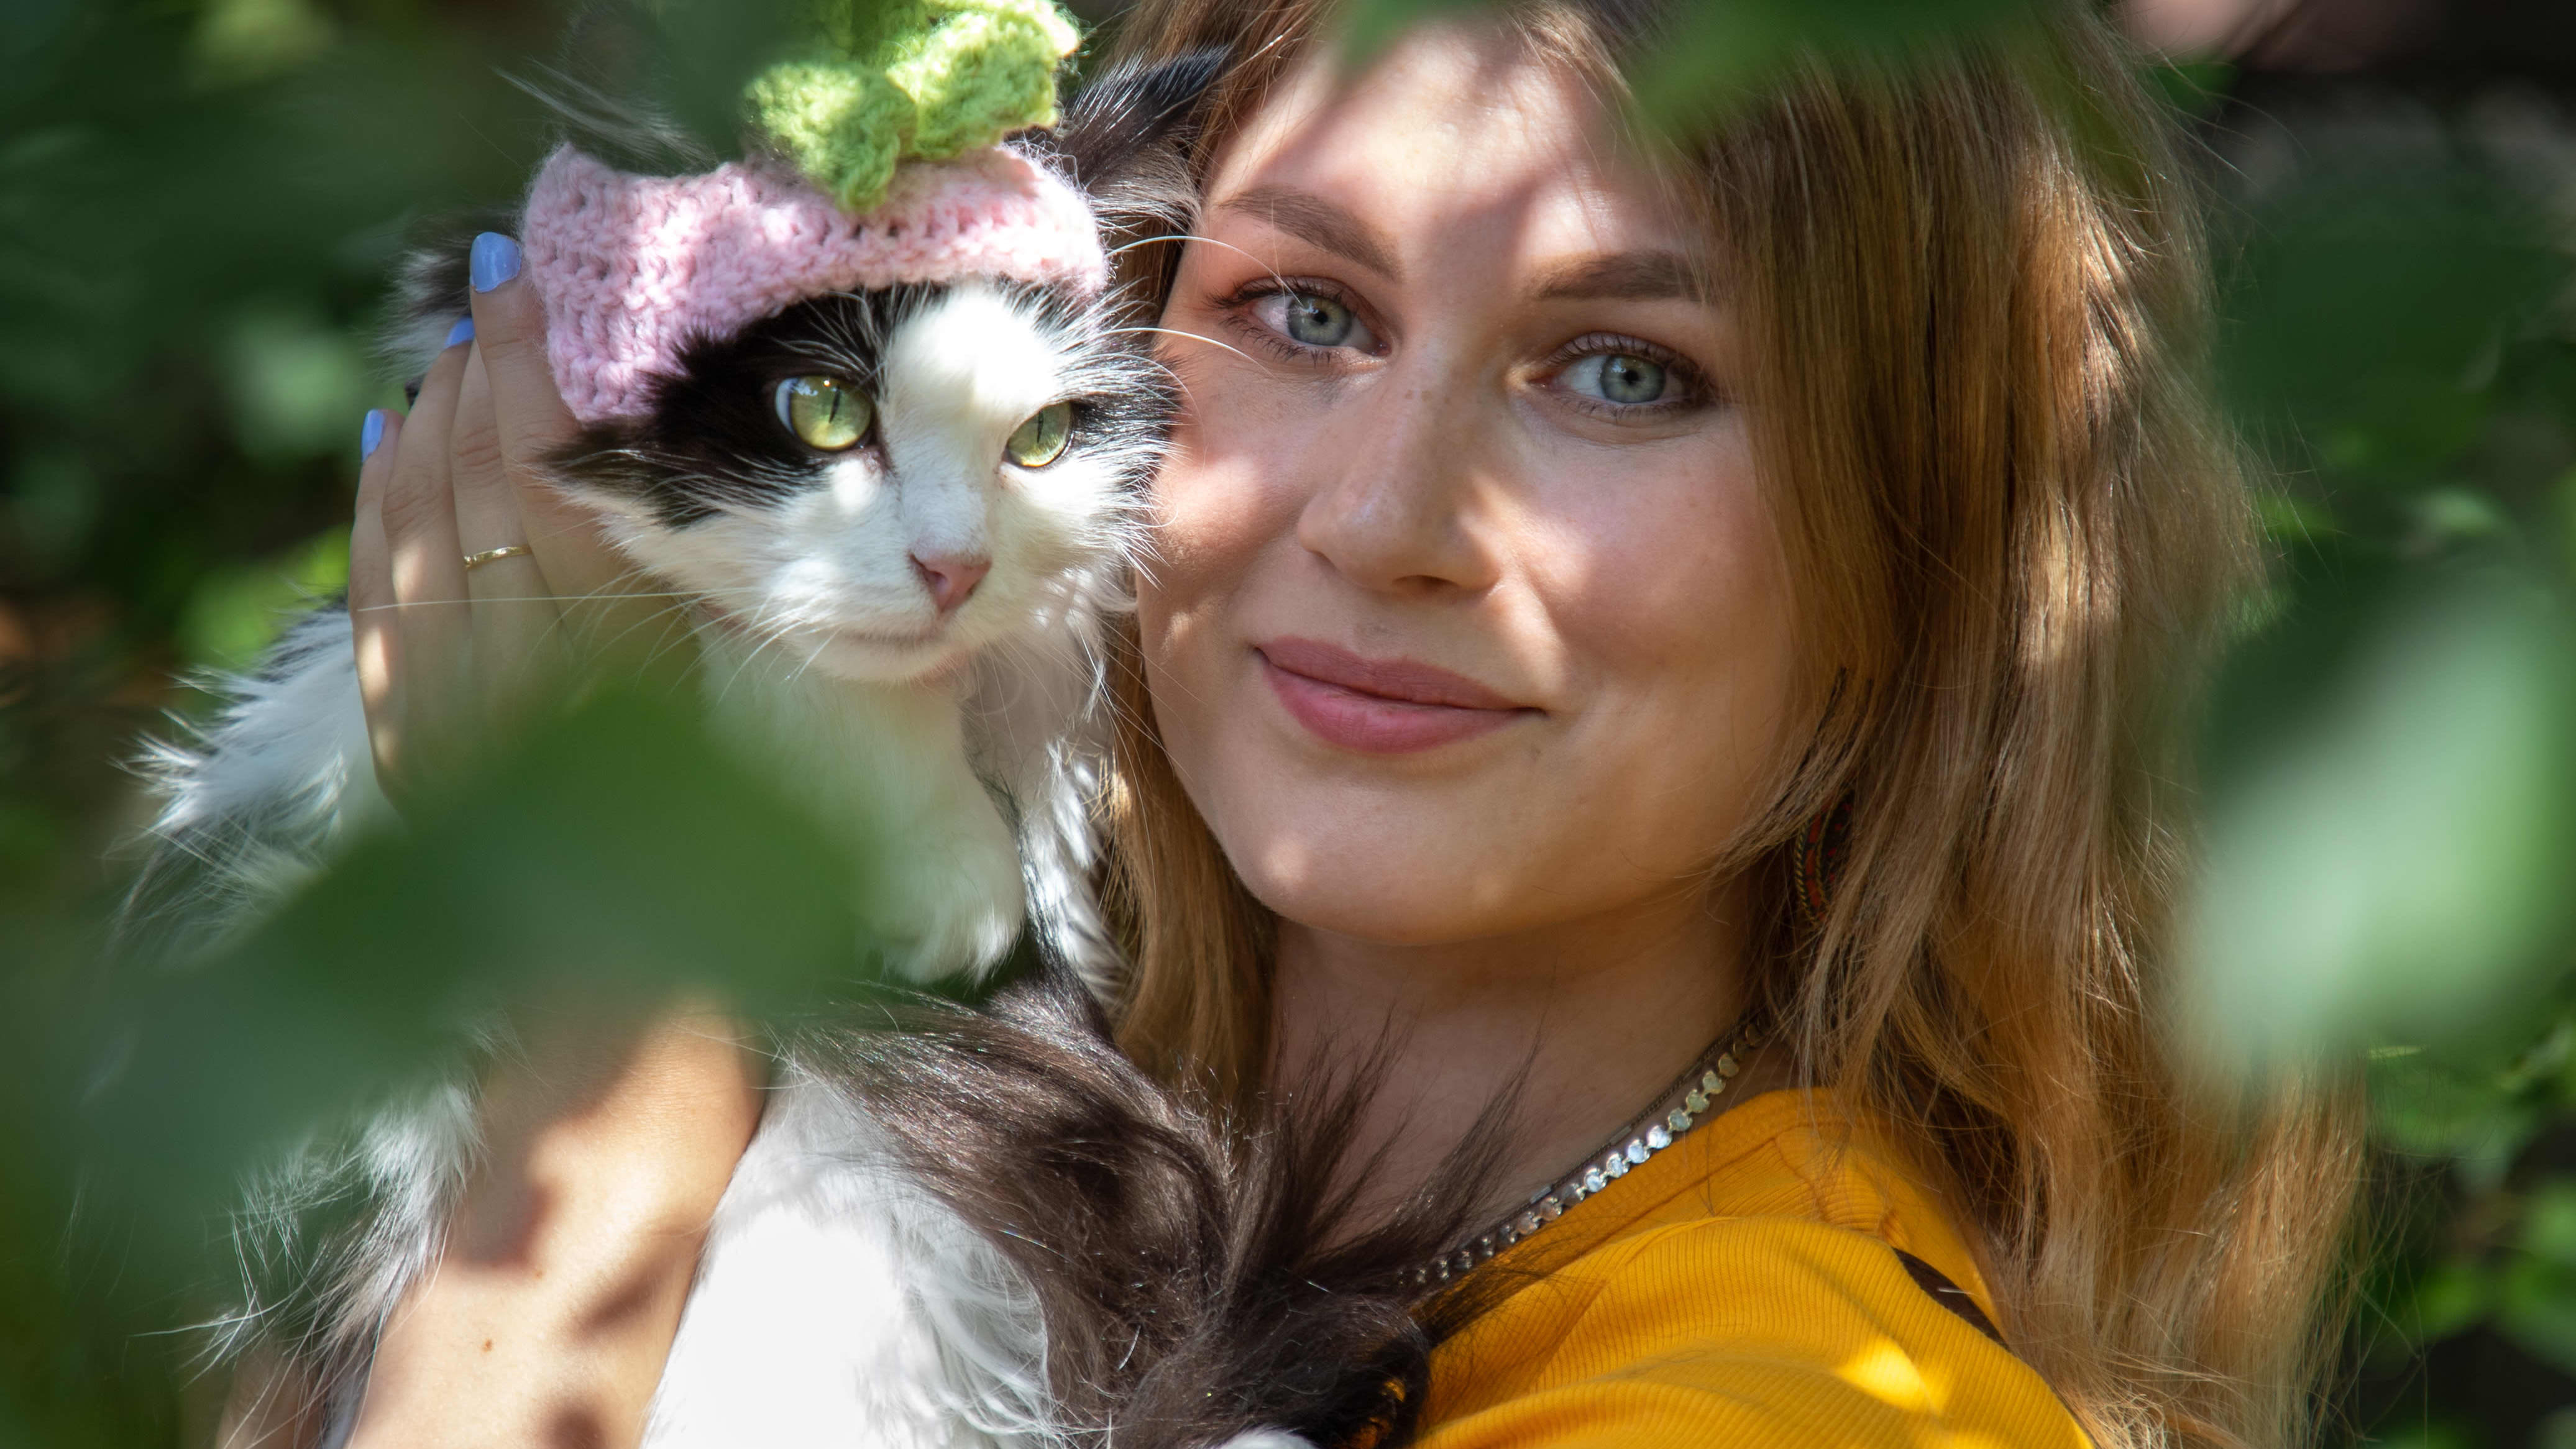 Jo 5 miljoonaa ihmistä on nähnyt hittivideon kurkkua syövästä Mauri-kissasta